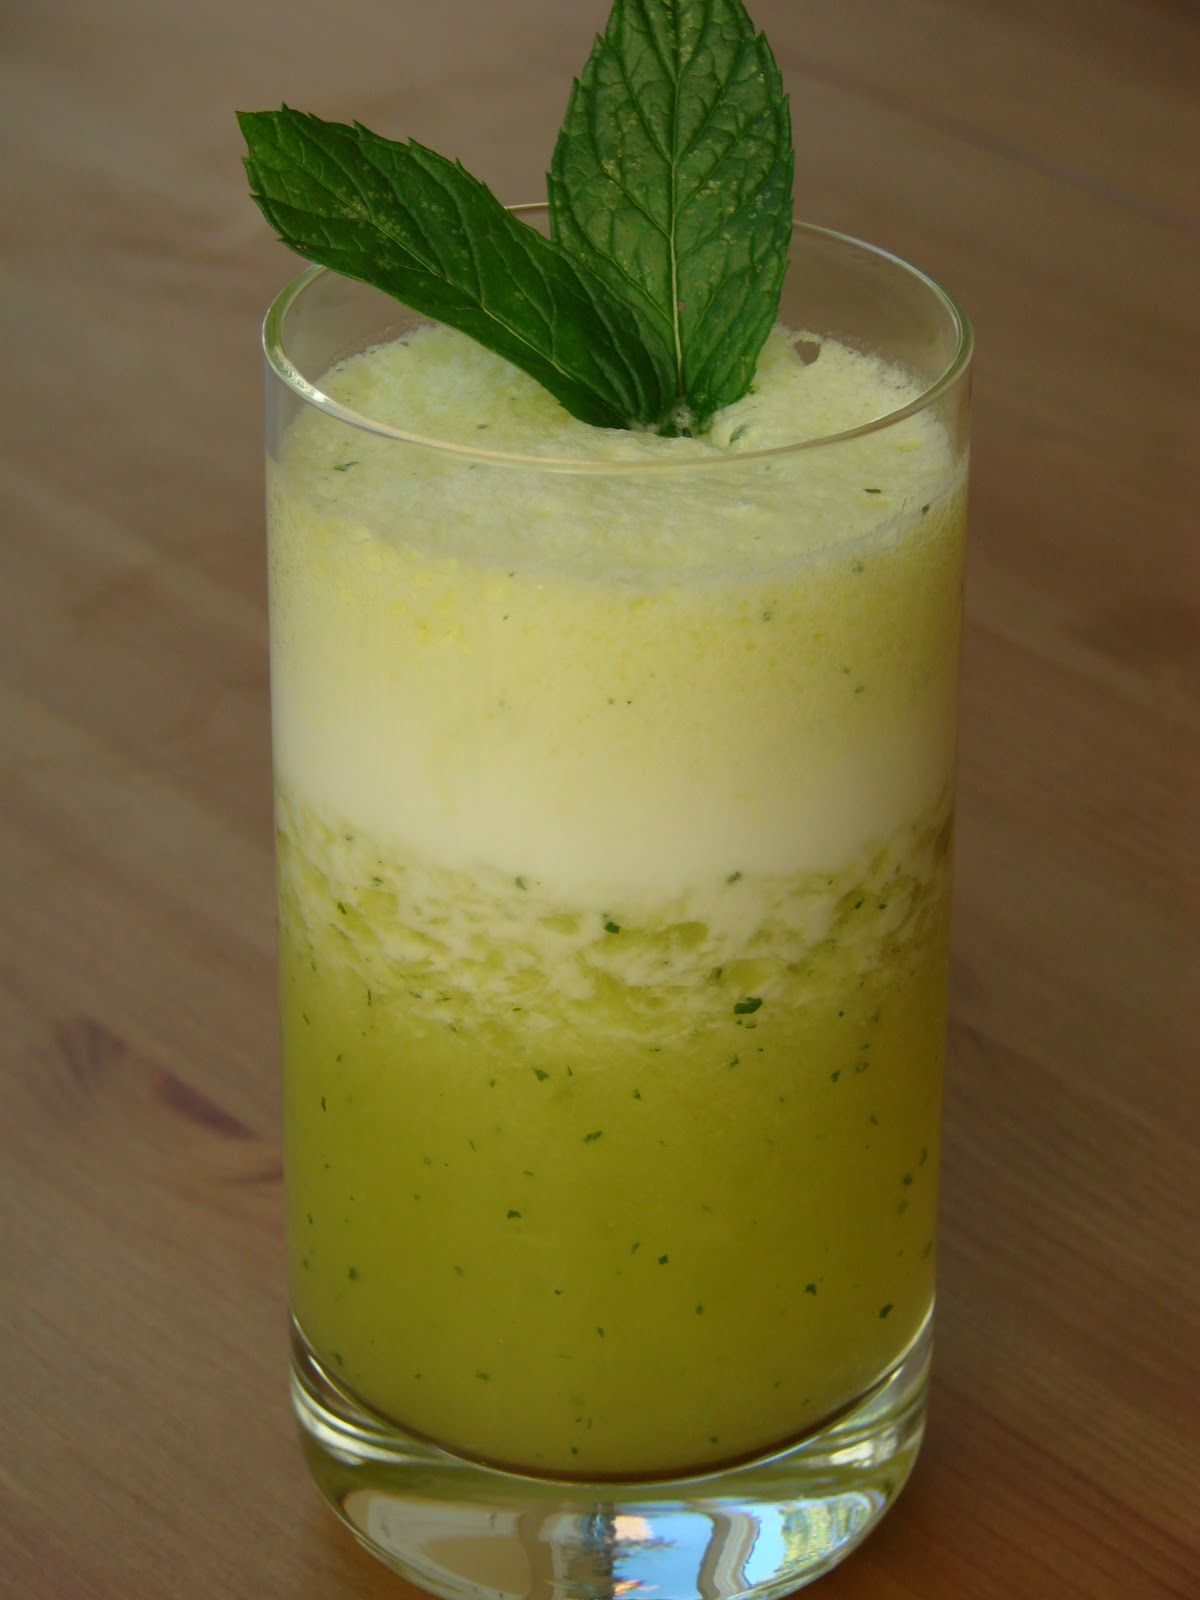 halal mama pineapple mint juice